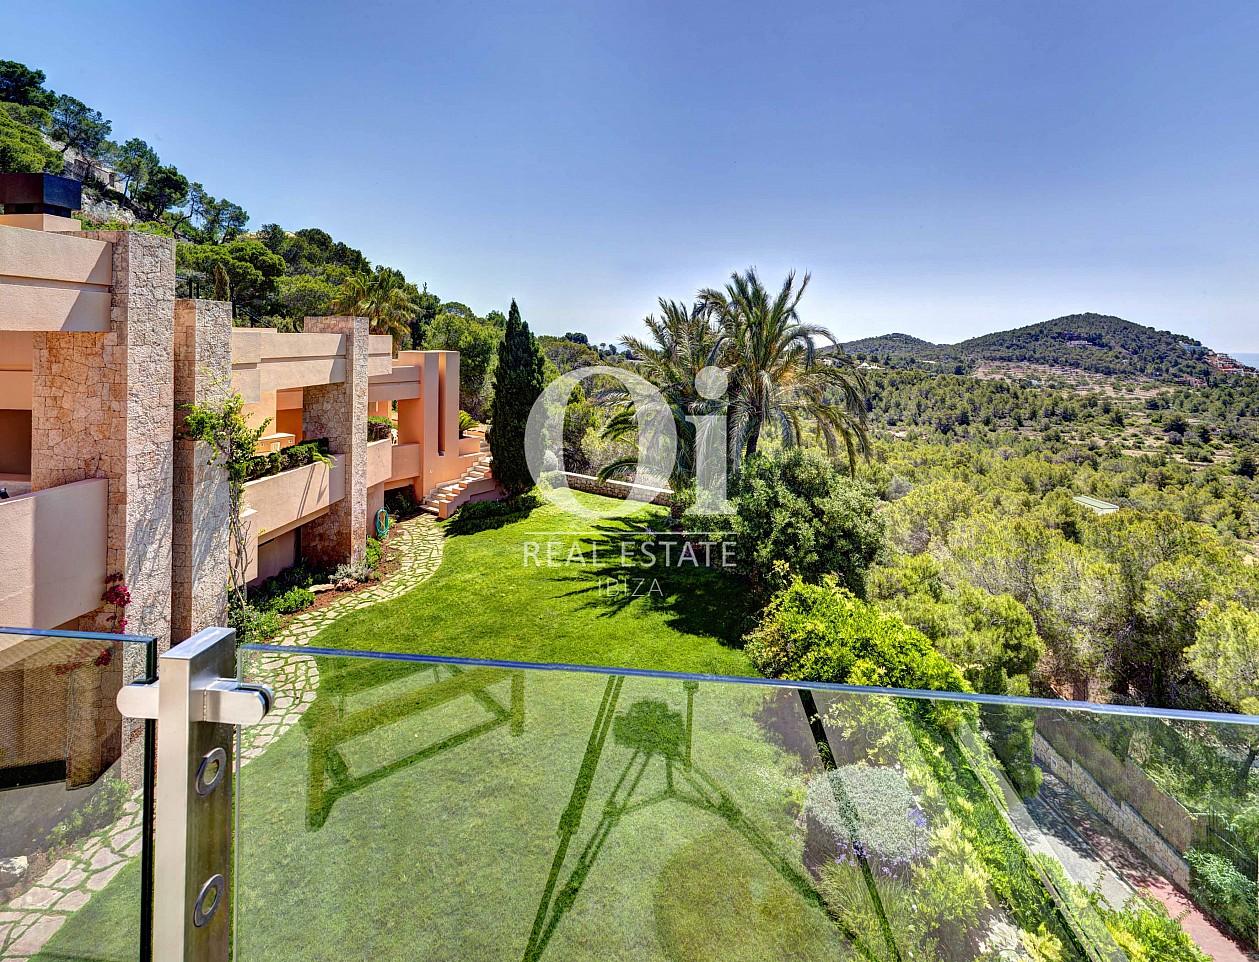 Сад на вилле, доступной для арендования в летний период в г. Хесус, Ибица